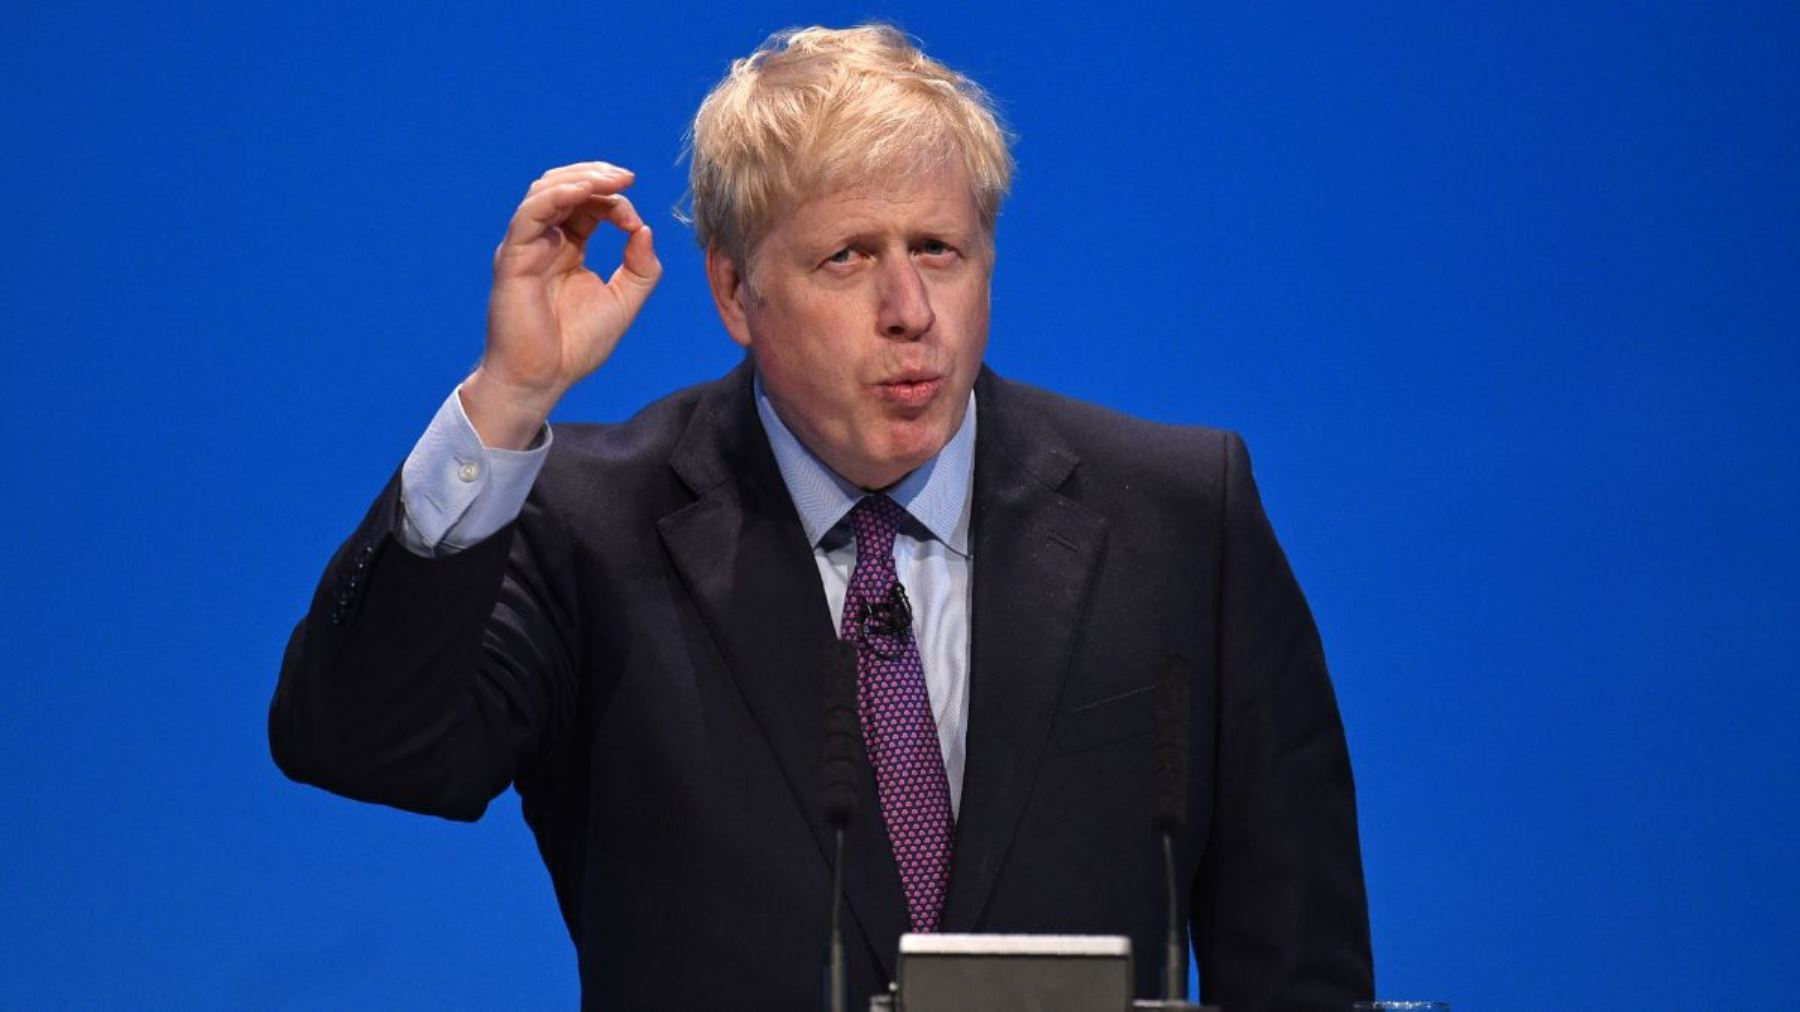 376188-brexit-reino-unido-llega-a-acuerdo-con-la-ue-para-salir-del-bloque